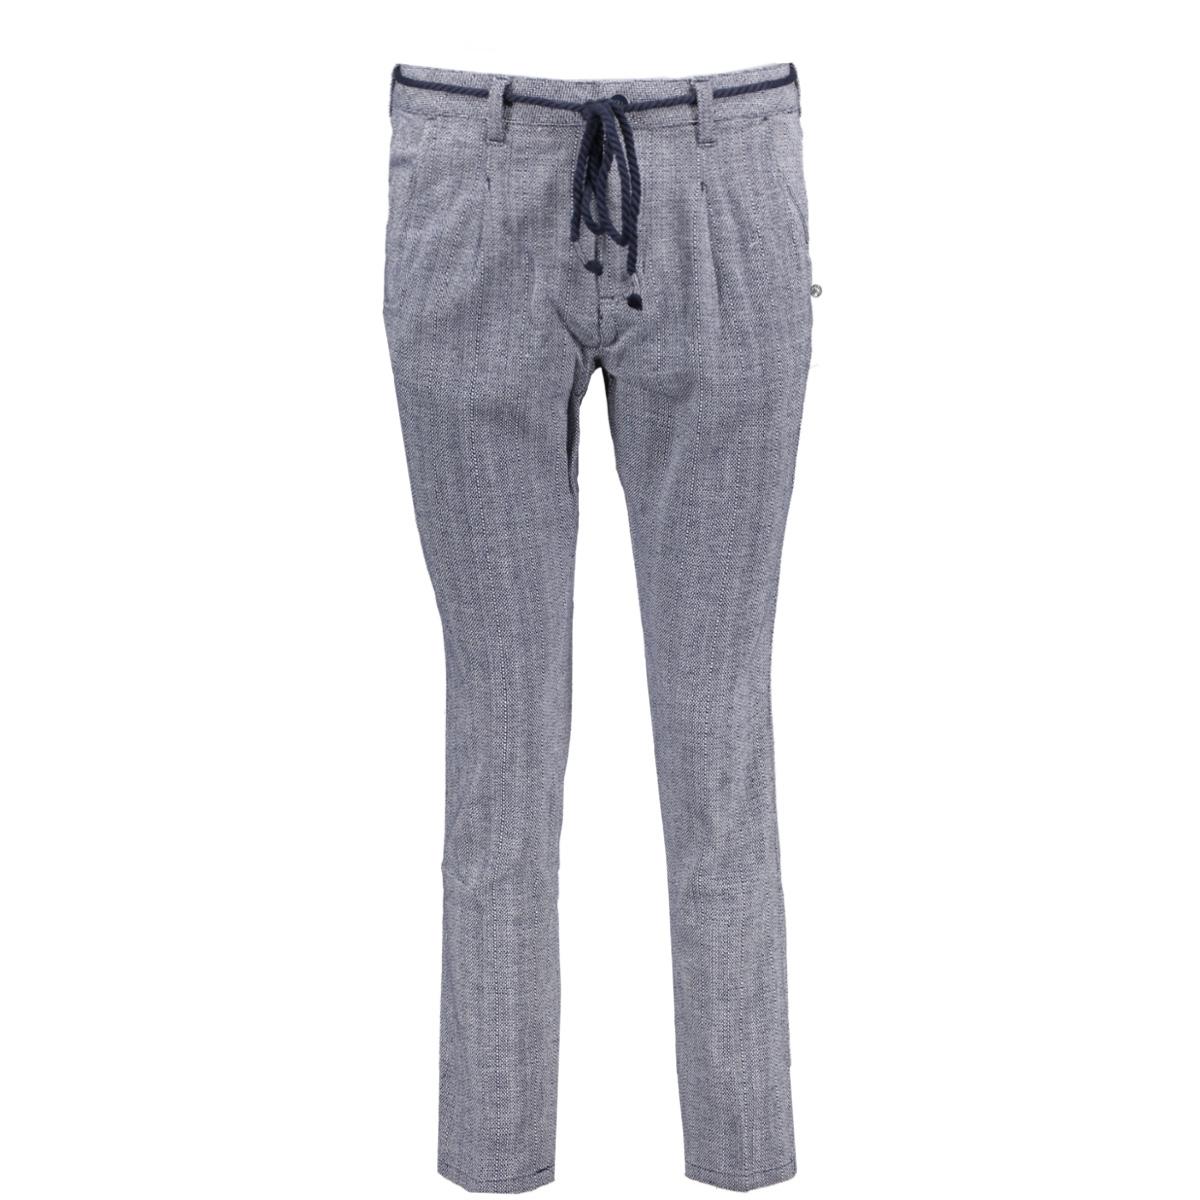 6455007.00.71 tom tailor broek 6593